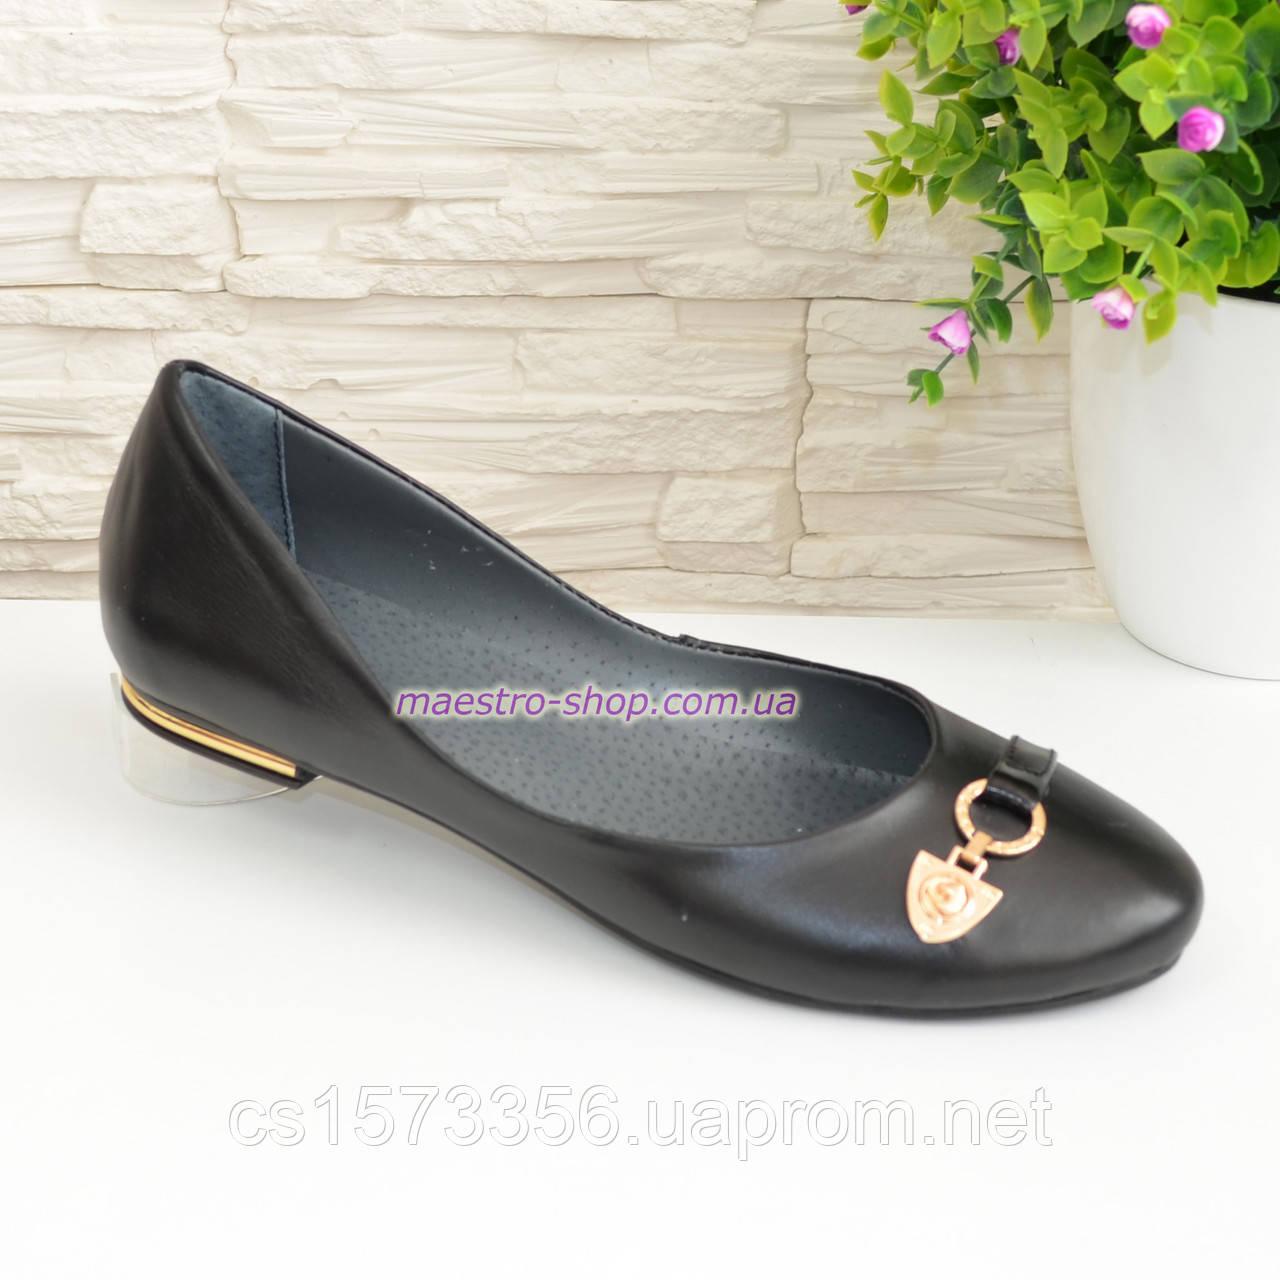 Туфли женские кожаные черного цвета на низком ходу